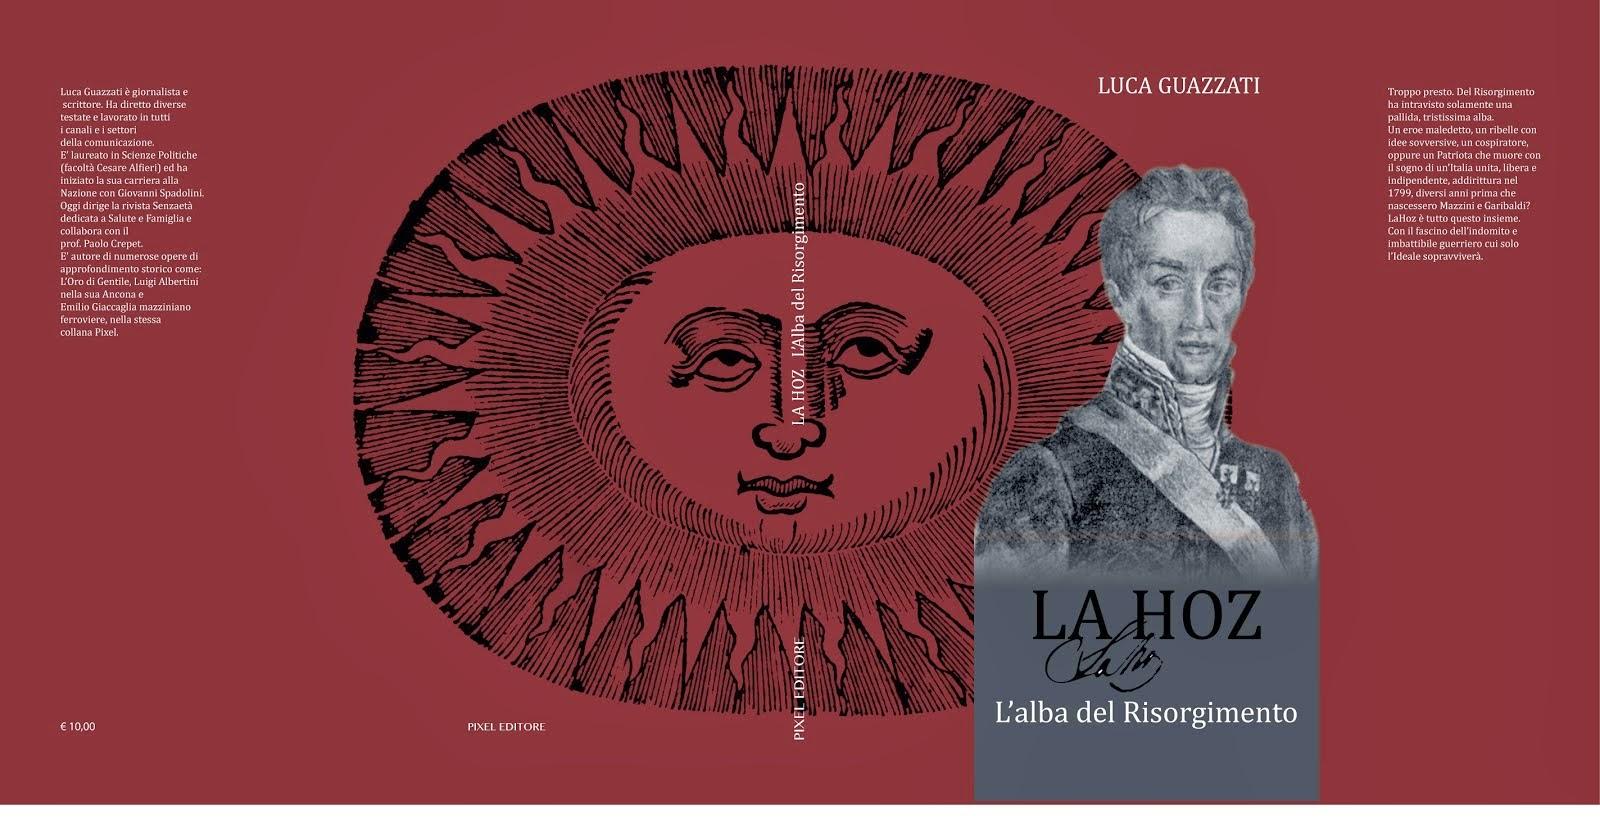 Ultimo libro di Luca Guazzati